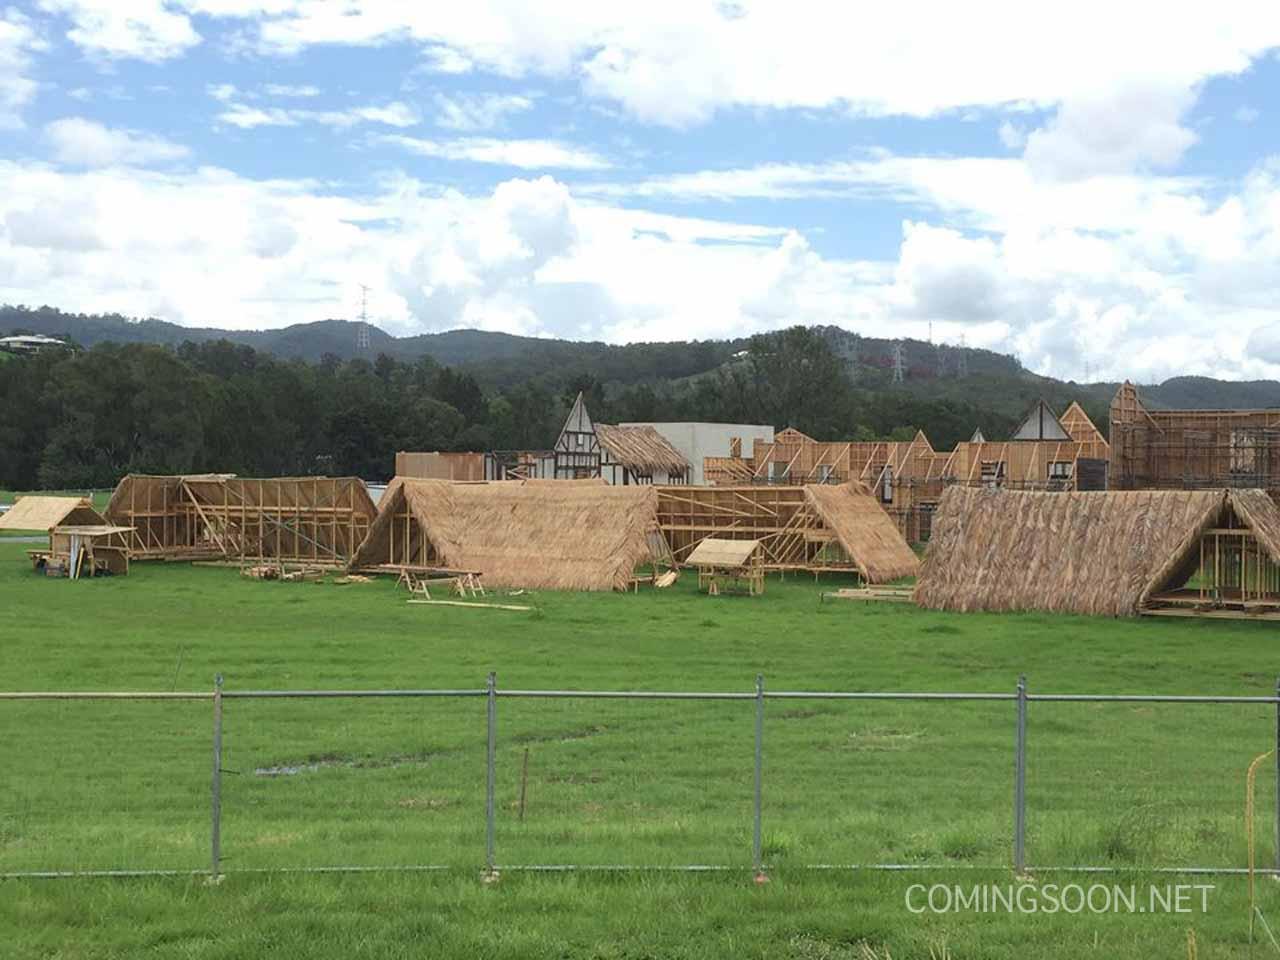 Pirati dei Caraibi 5: il set australiano in costruzione